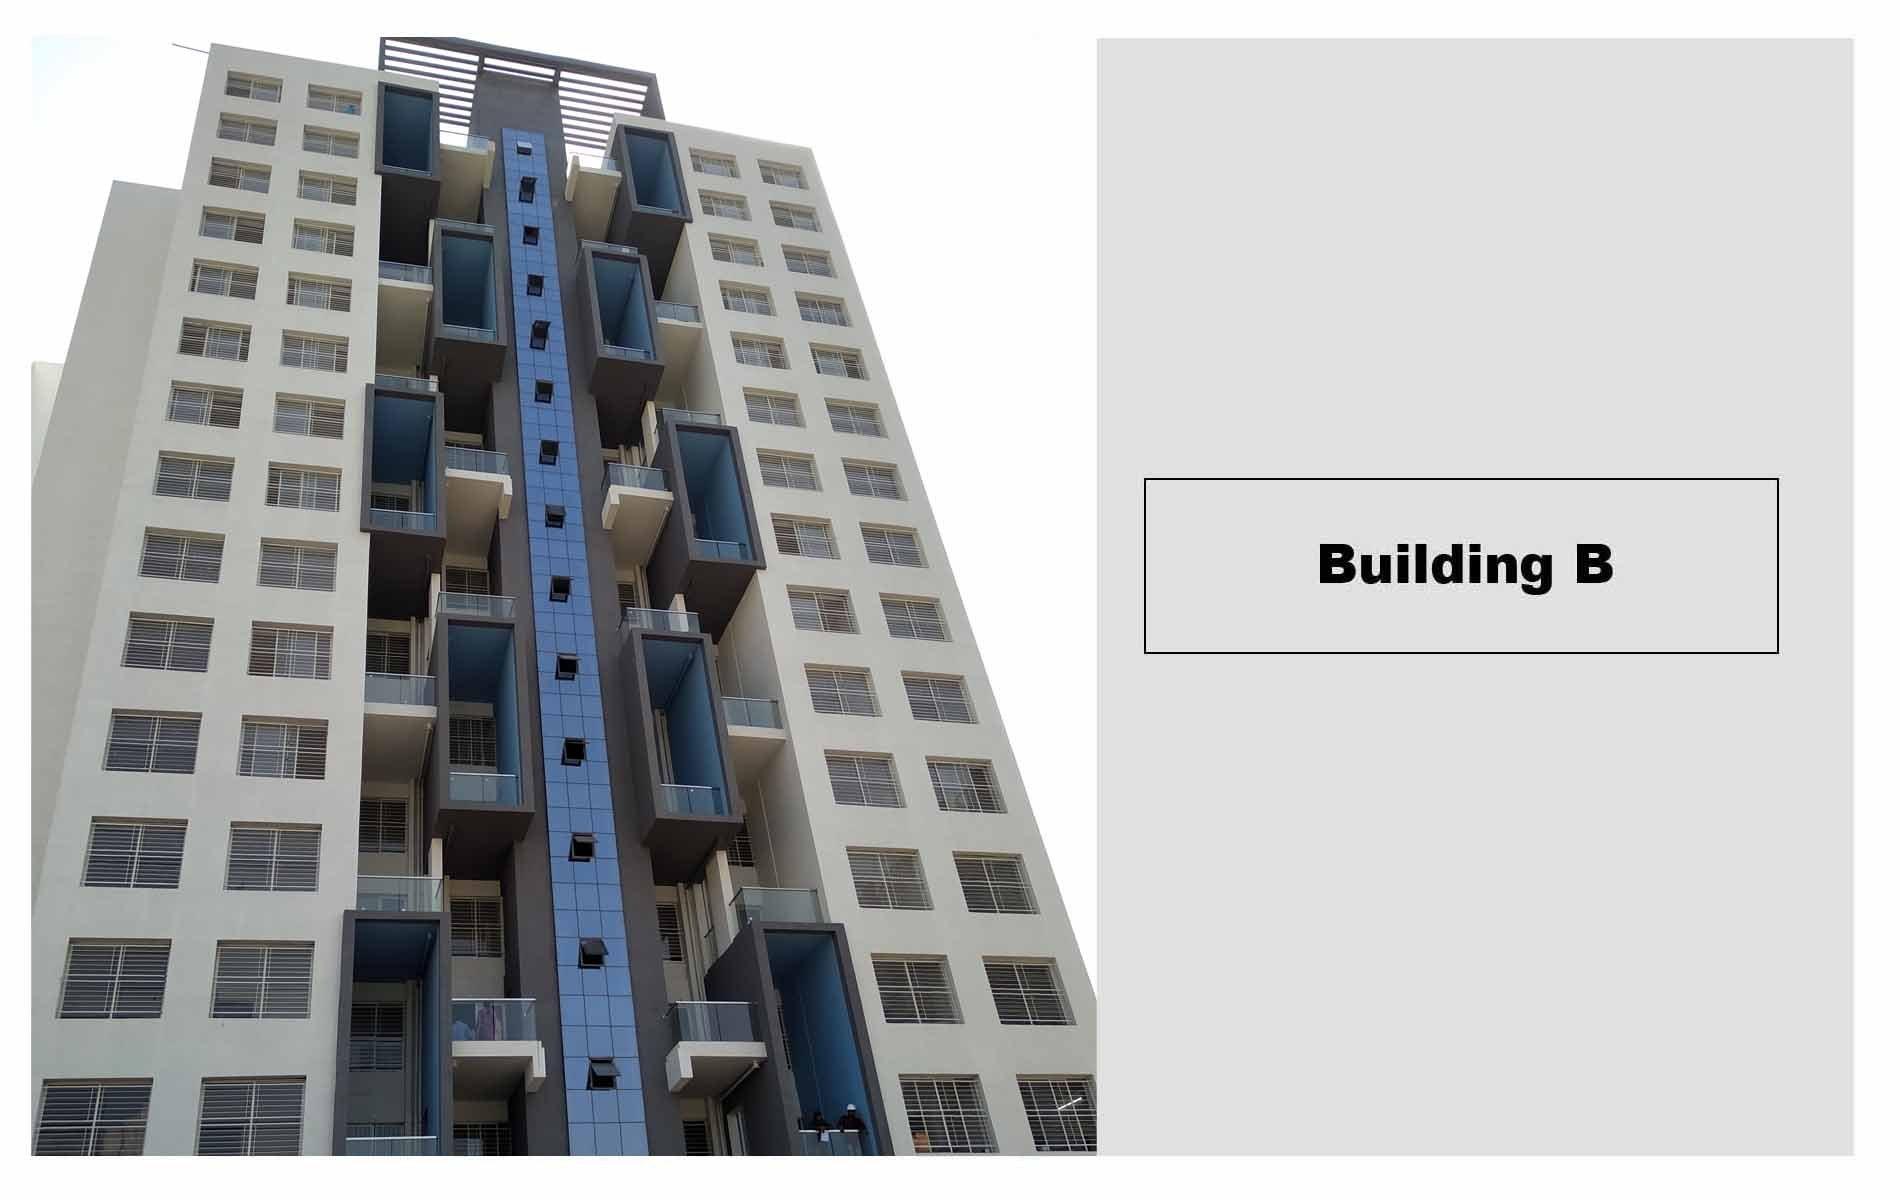 Building B